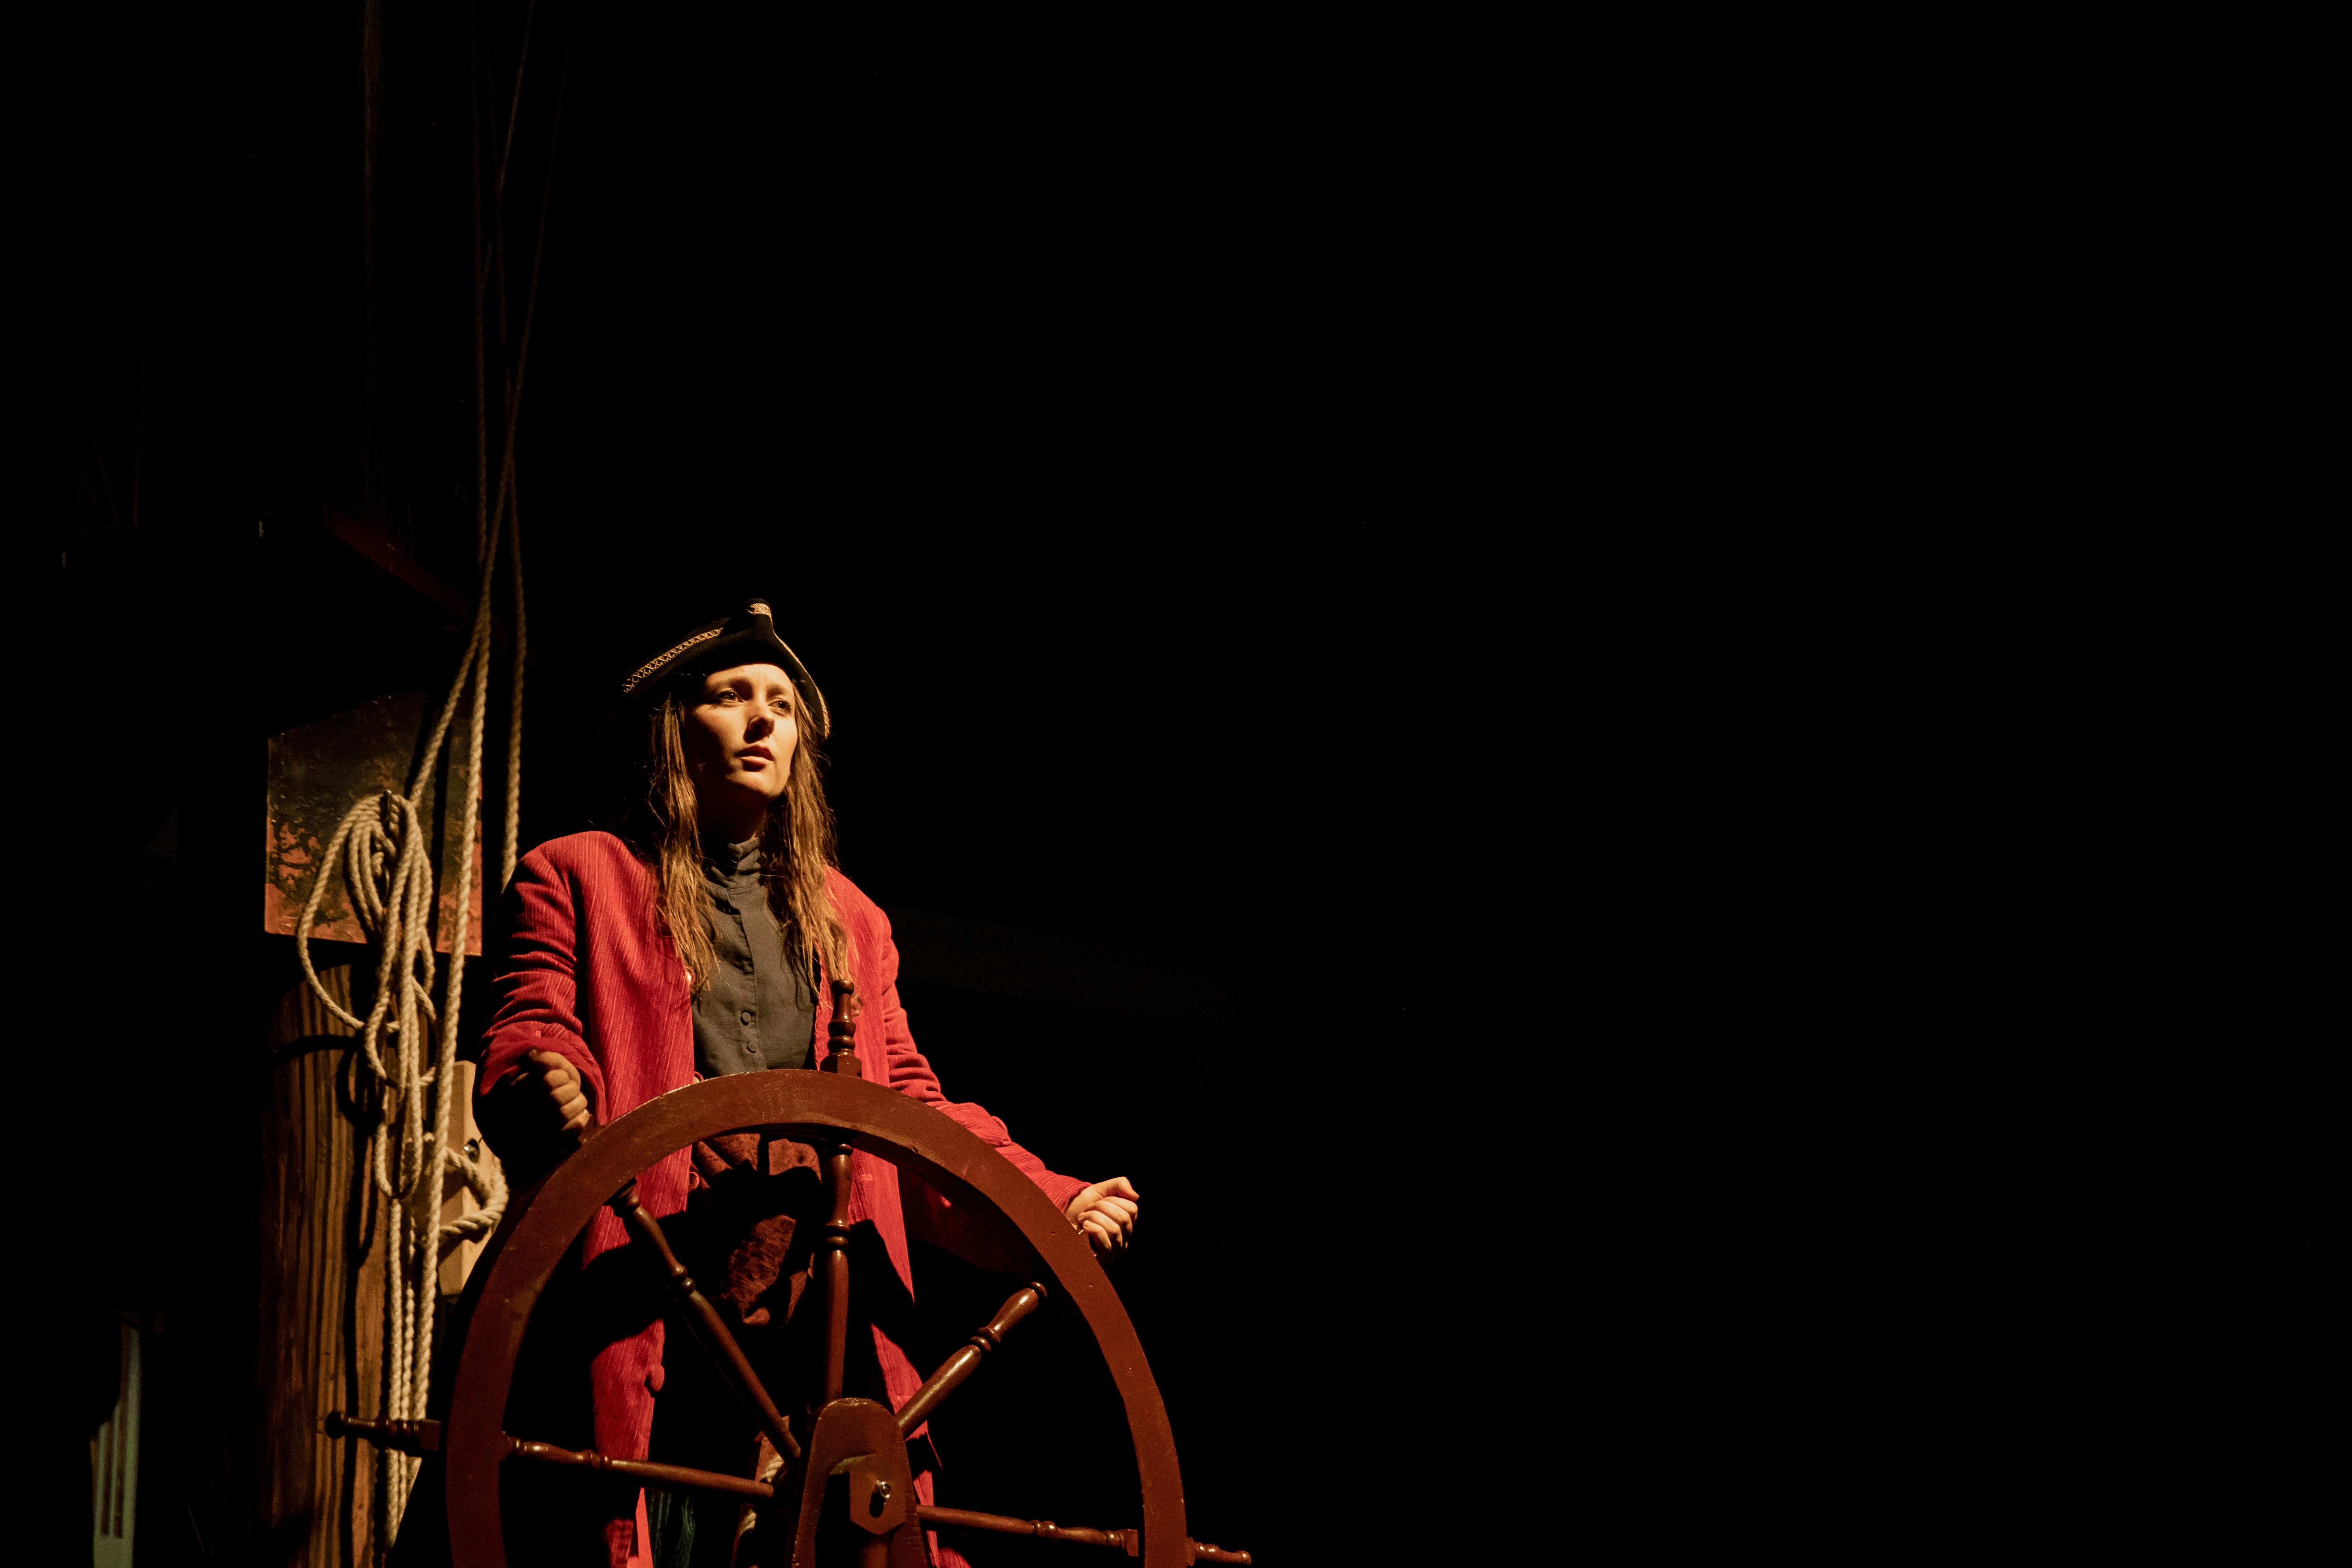 Hawkins played by Hannah Stephens